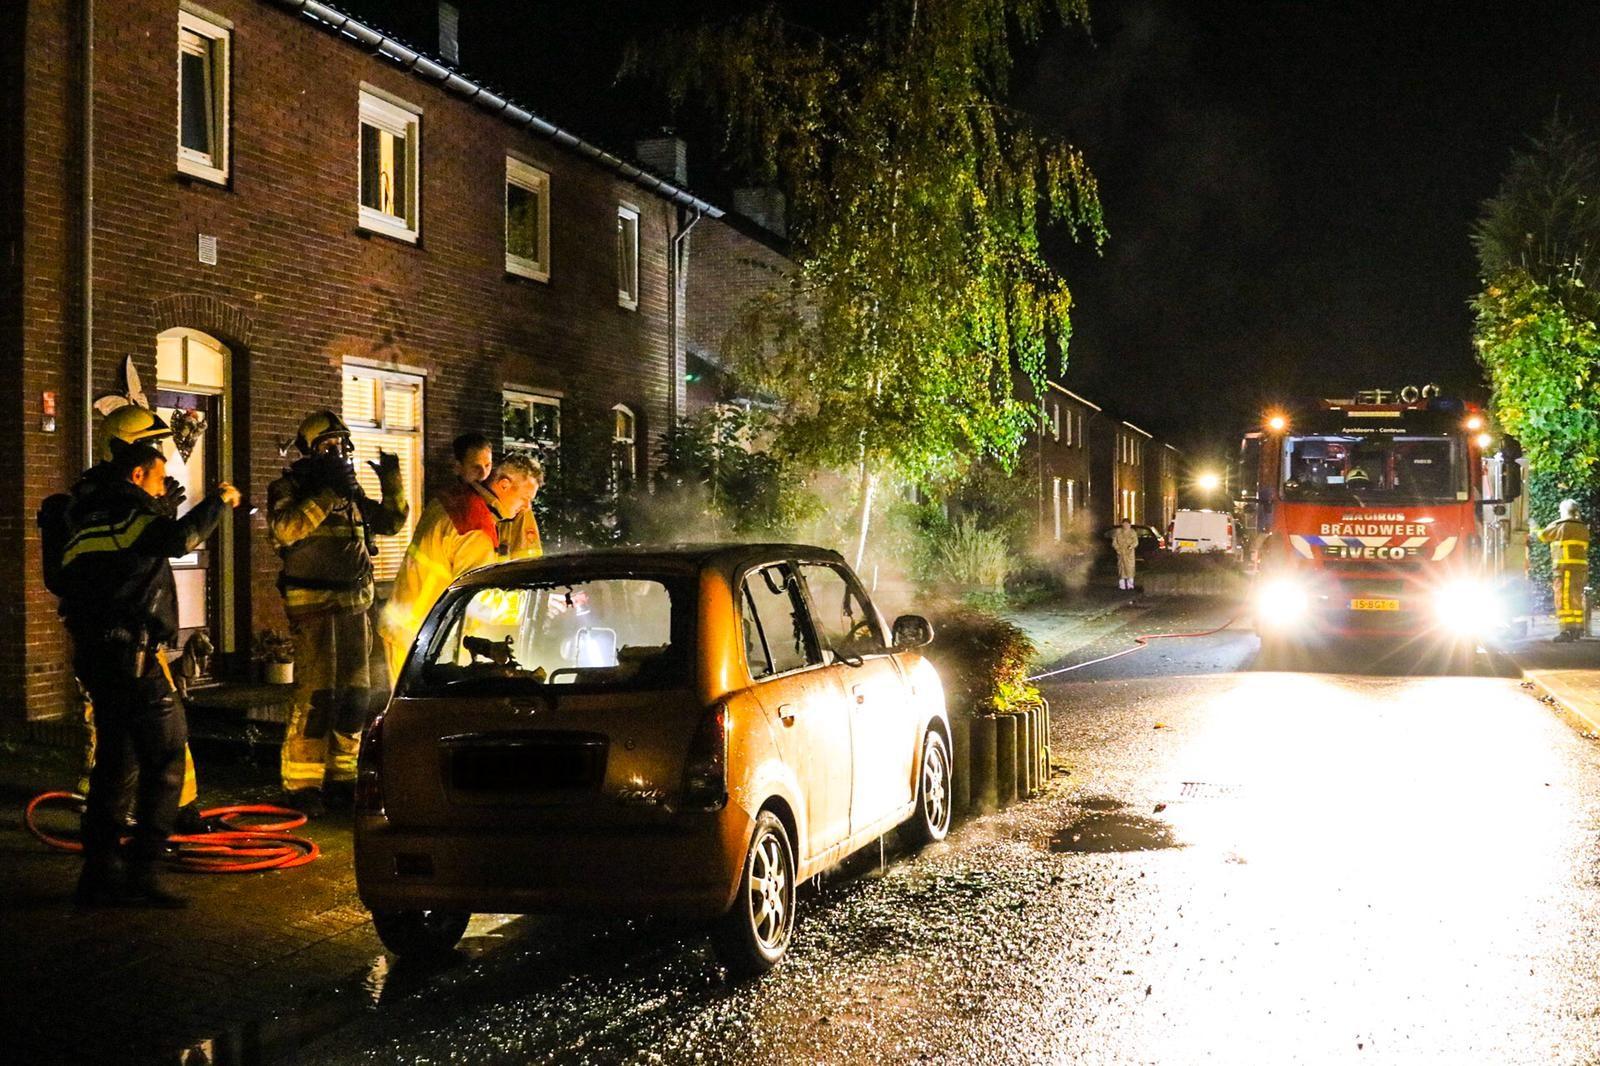 Brandstichting niet uitgesloten bij autobrand in Apeldoorn